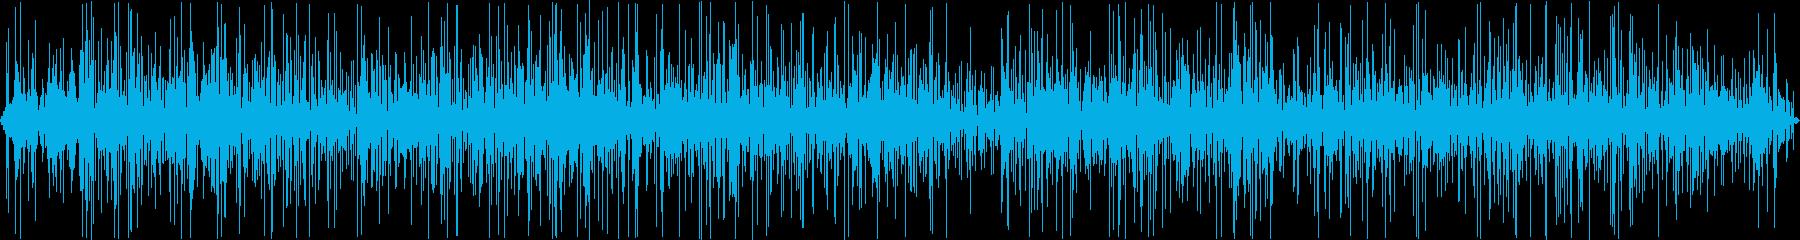 雨音(ビニール傘)の再生済みの波形